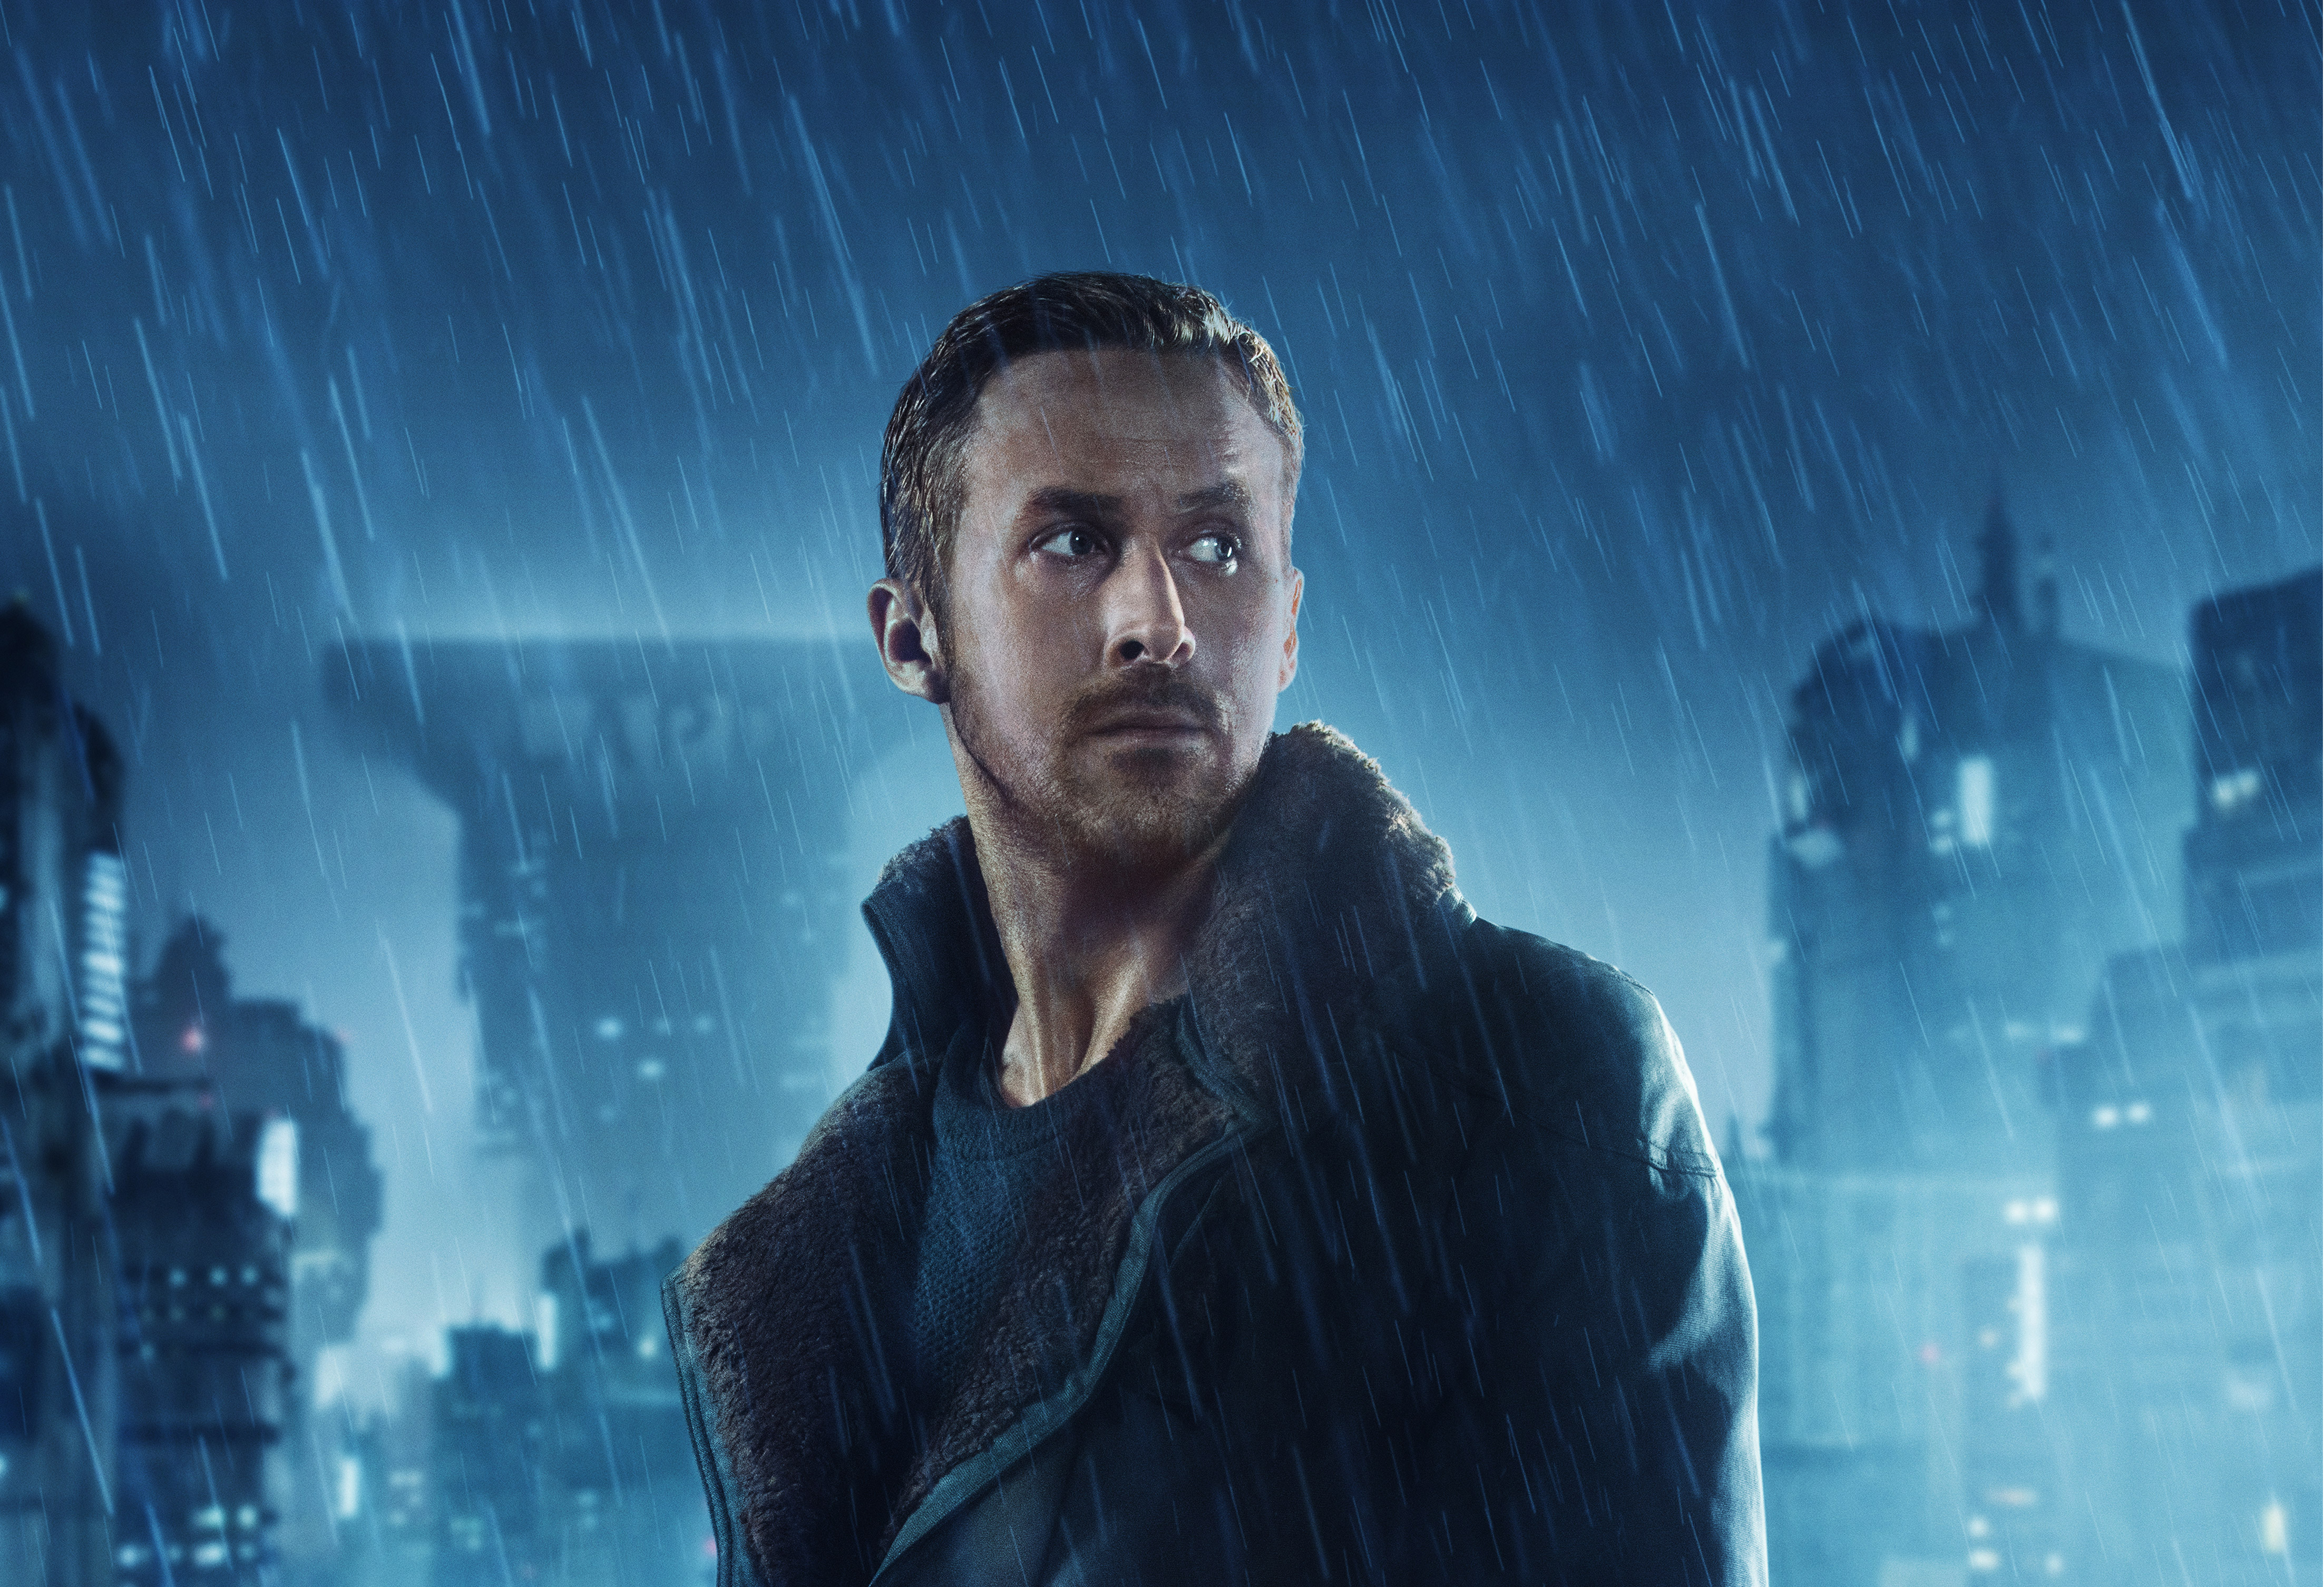 Blade Runner 2049 Hd Wallpaper: 2160x3840 Ryan Gosling As Officer K In Blade Runner 2049